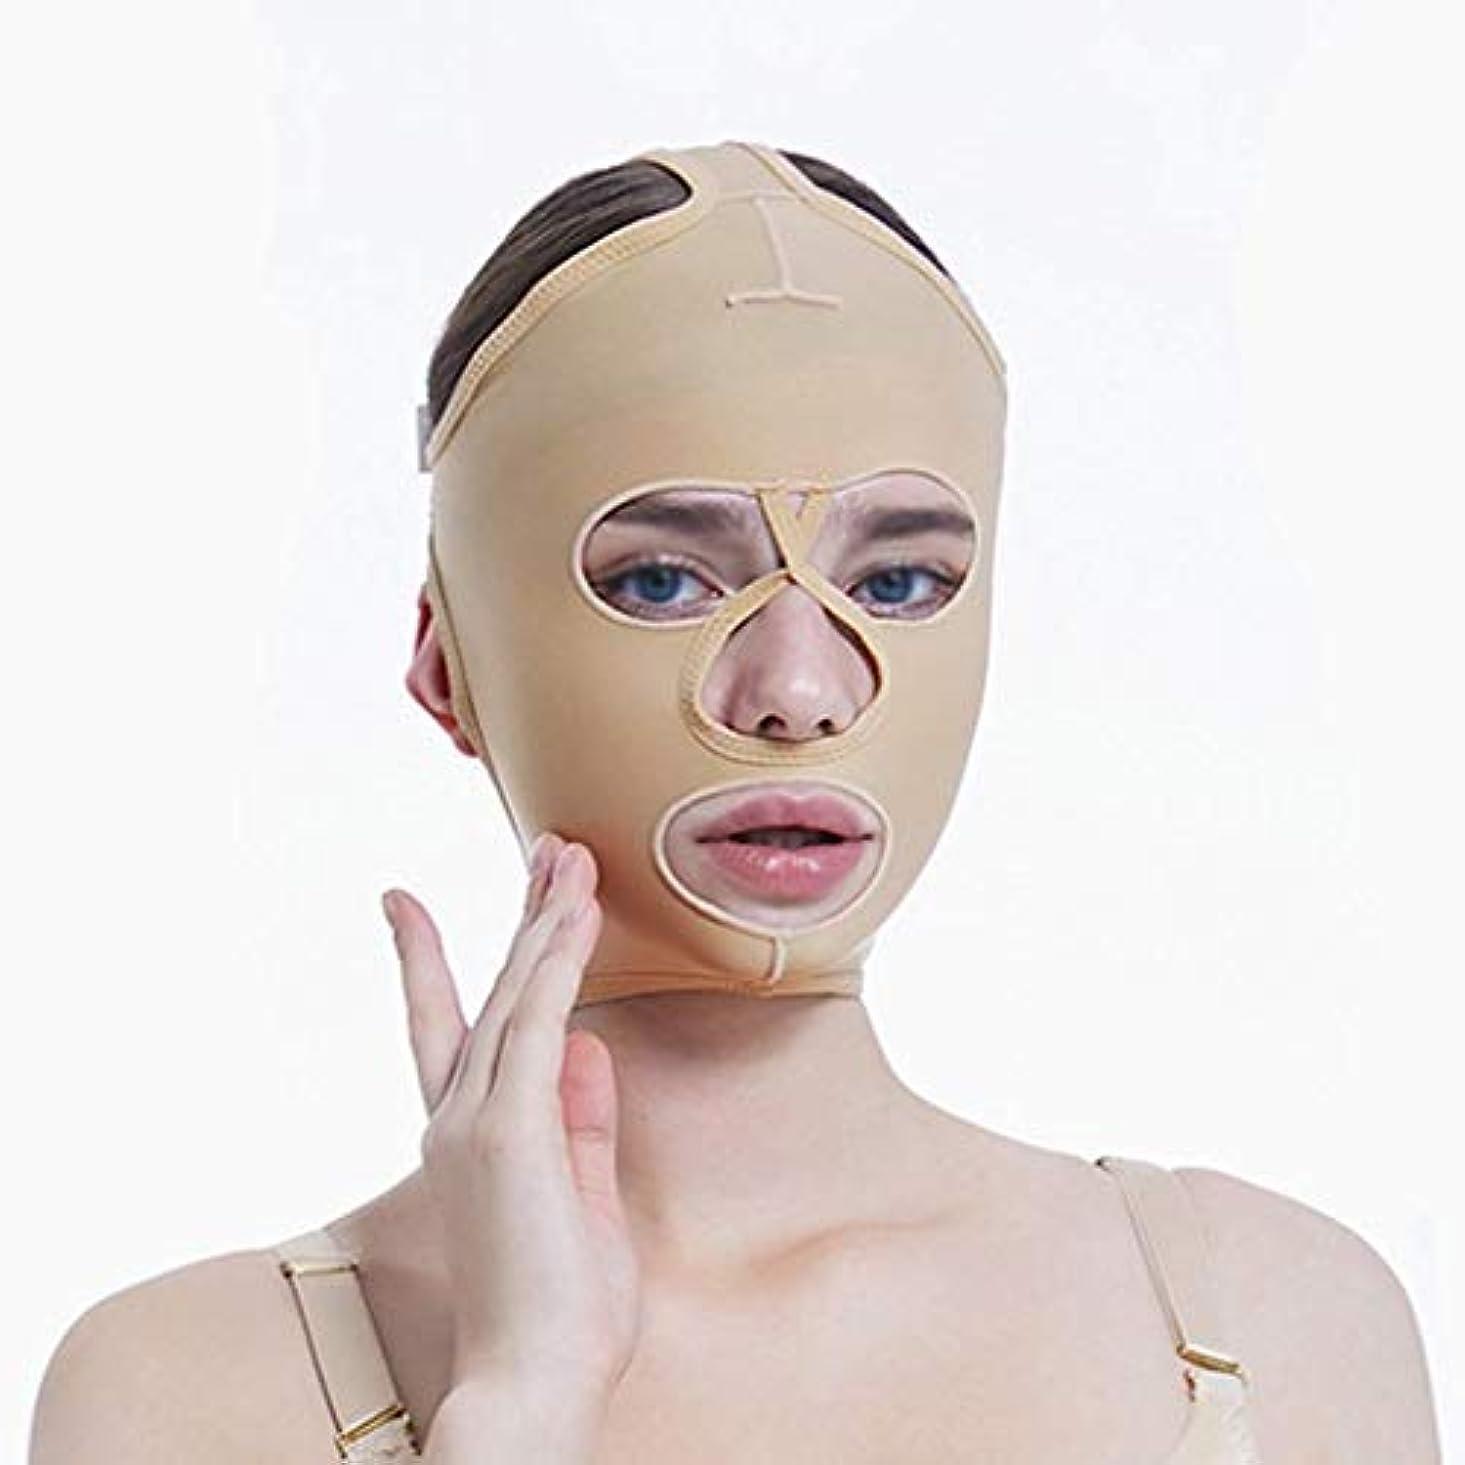 ピニオン体戻るチンリフティングベルト、超薄型ベルト、引き締めマスク、包帯吊り、フェイスリフティングマスク、超薄型ベルト、通気性(サイズ:L),M